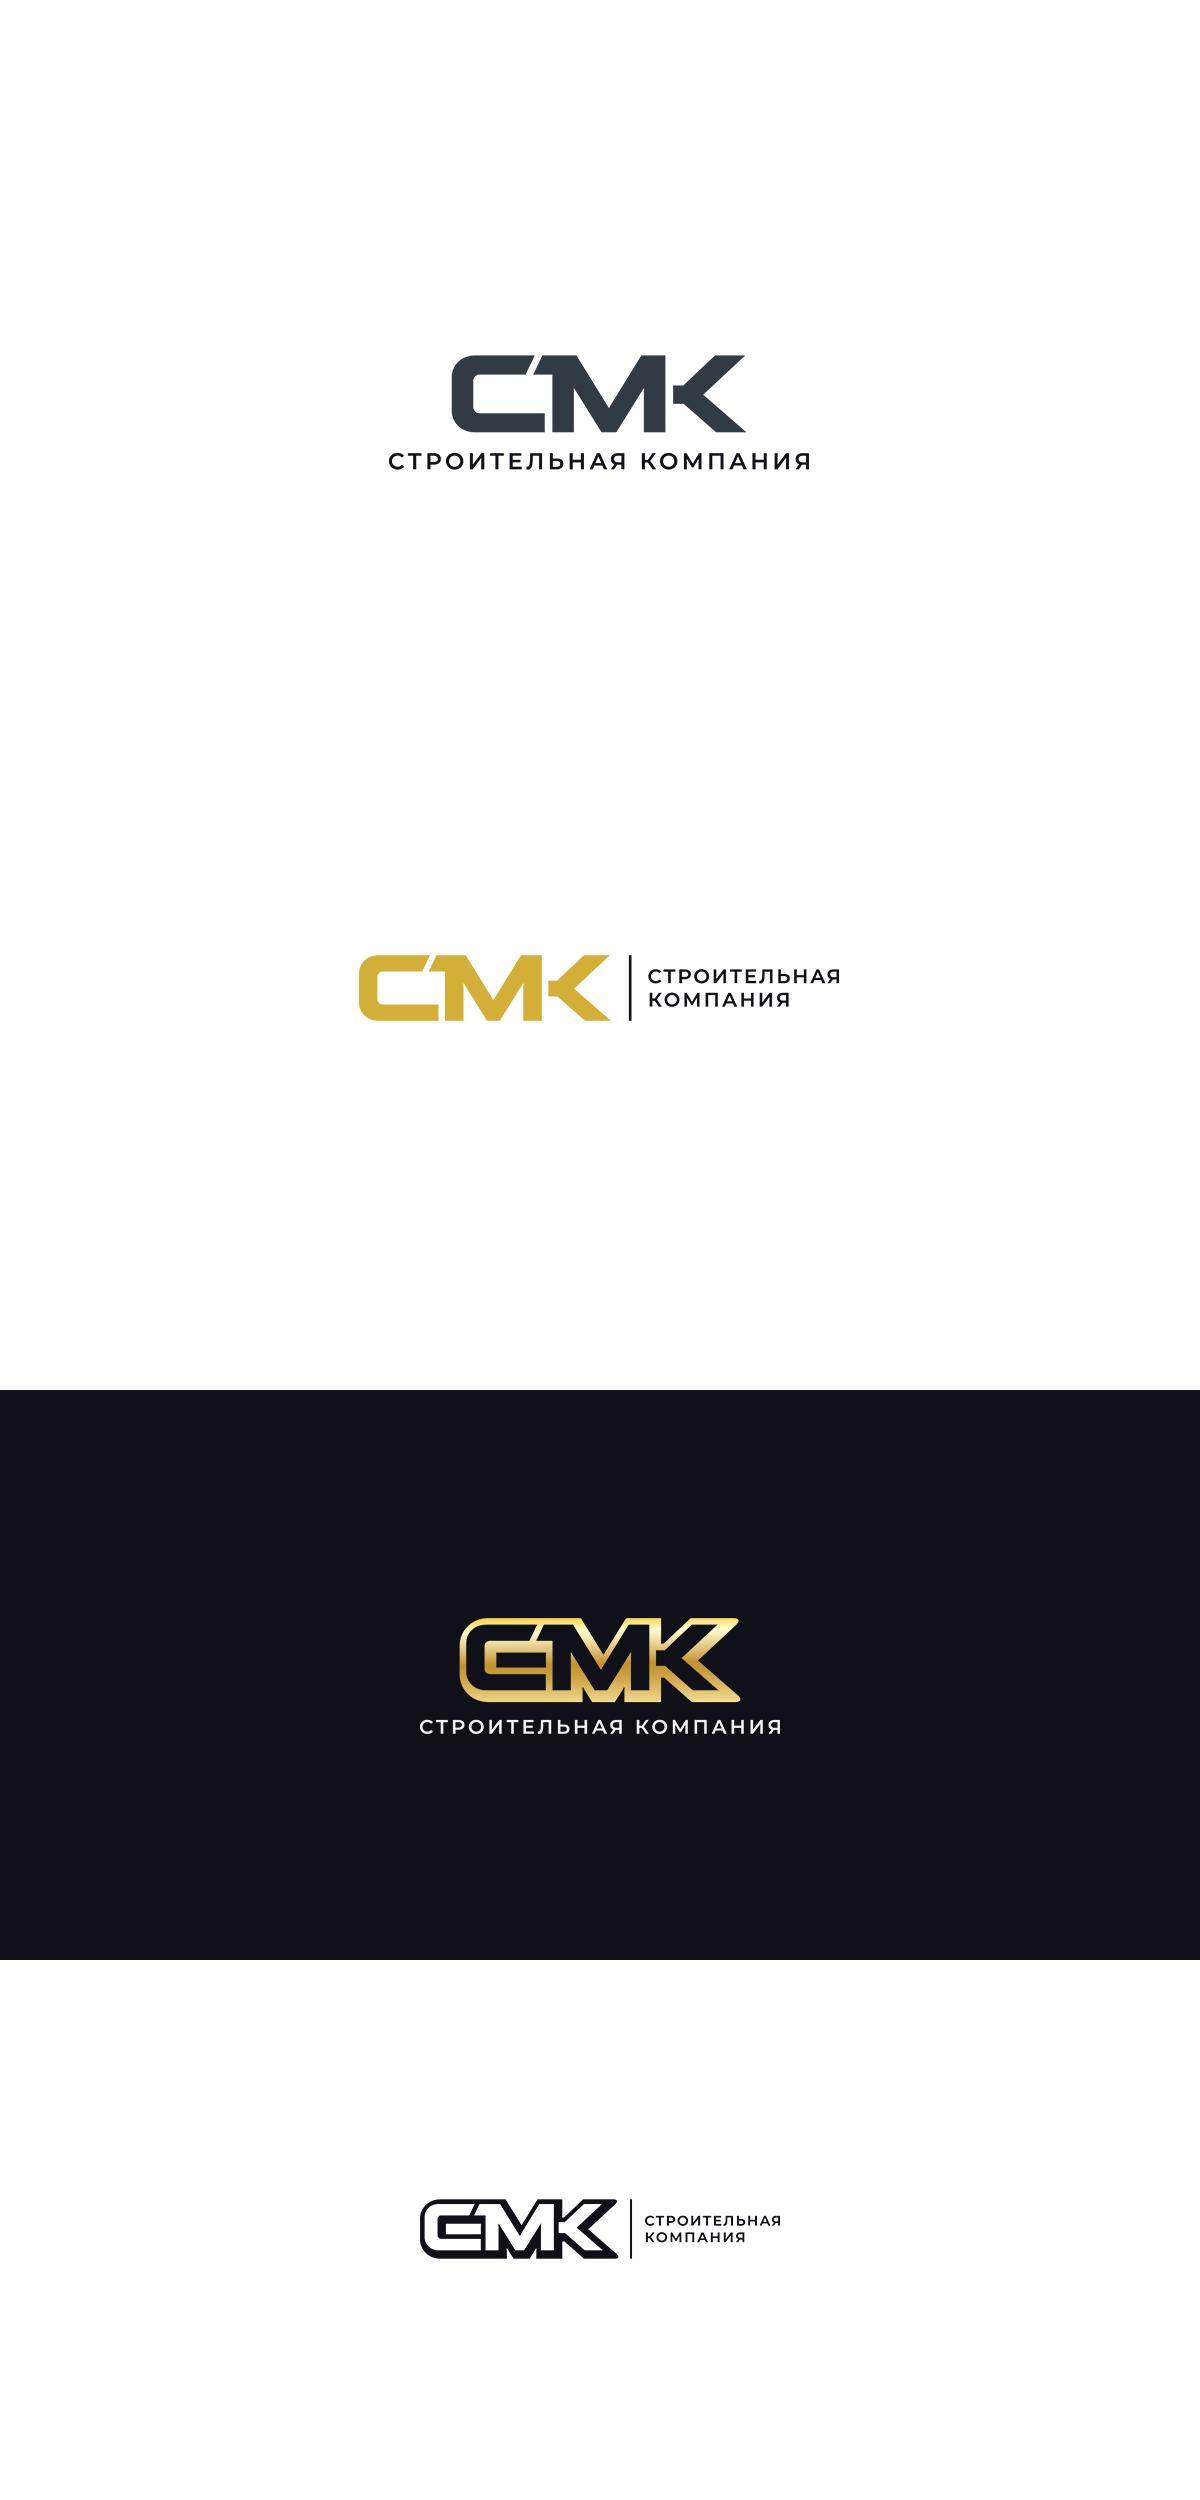 Разработка логотипа компании фото f_7885de14b5e6ed57.png